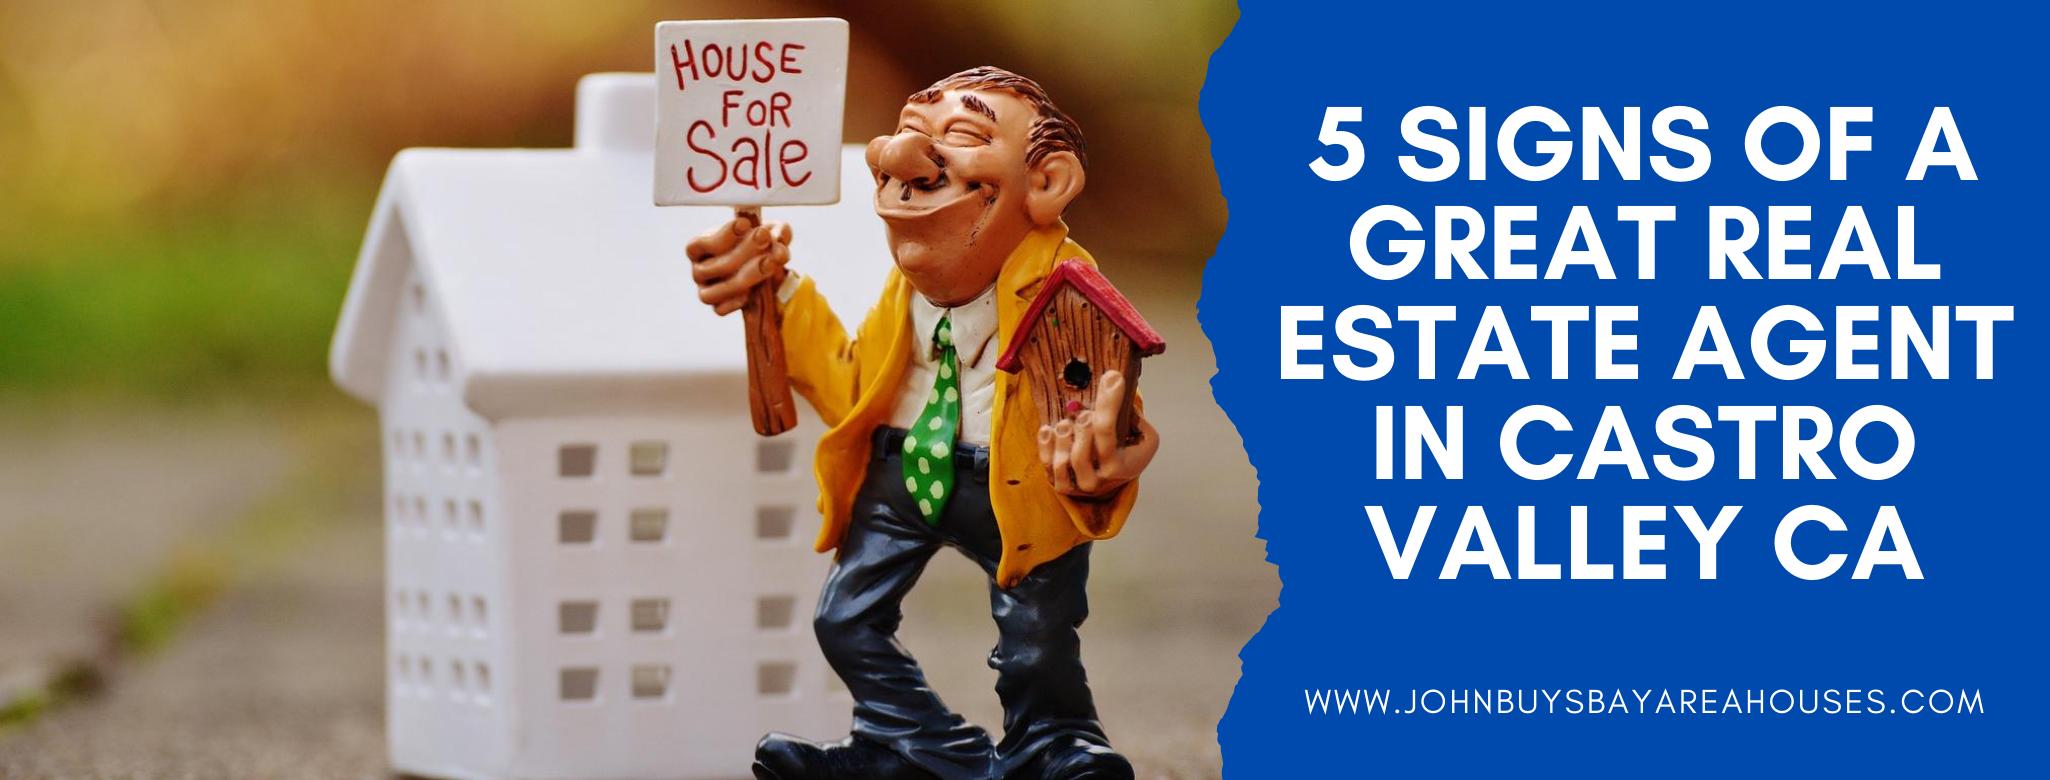 We buy properties in Castro Valley CA